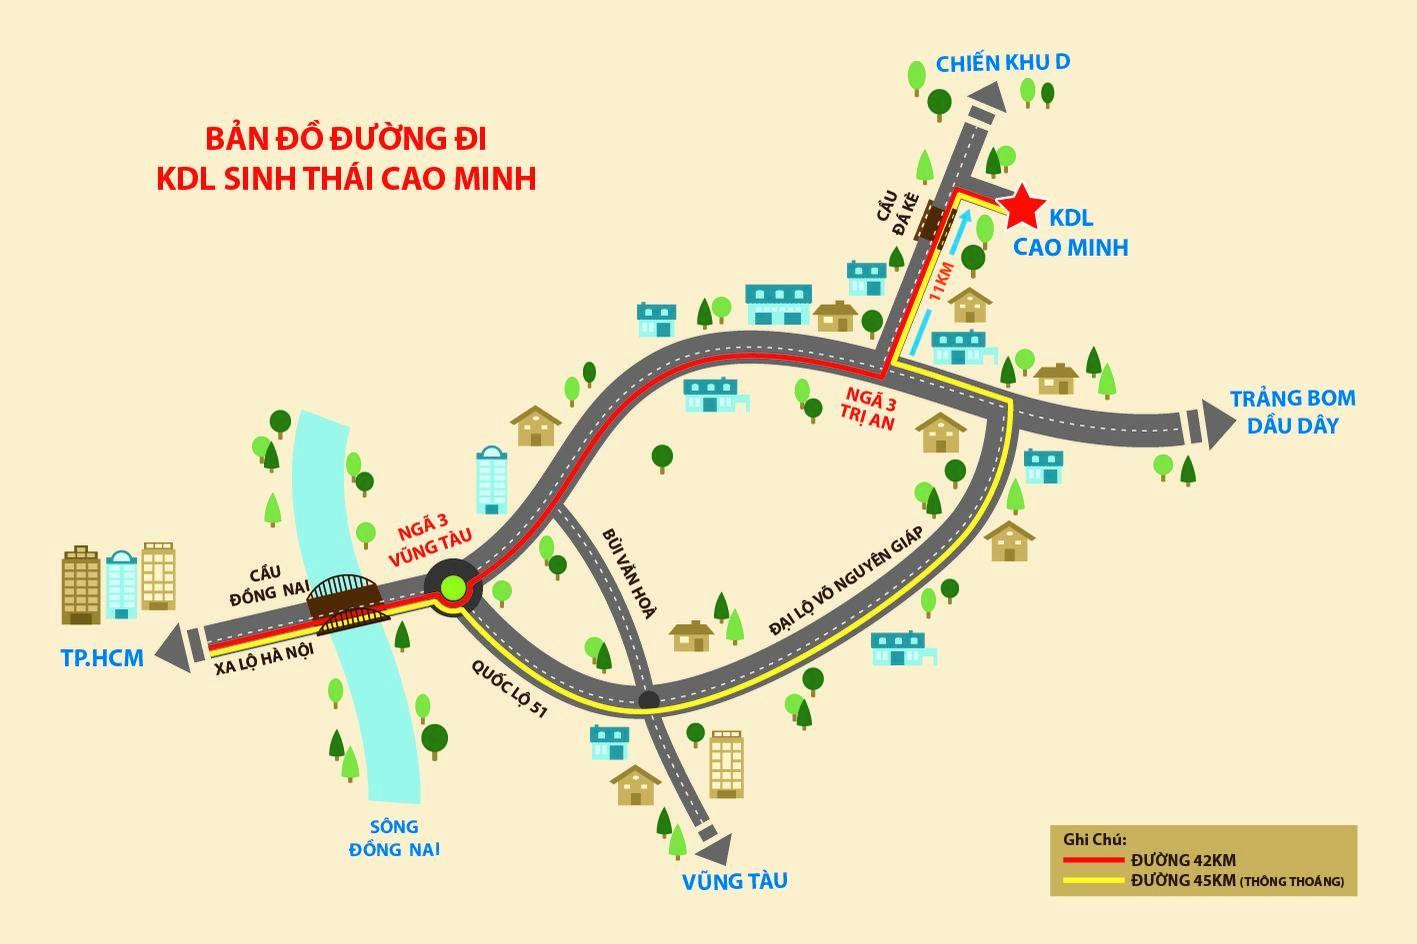 [Foody.vn] Cắm trại cách Sài Gòn 40km chỉ 100k